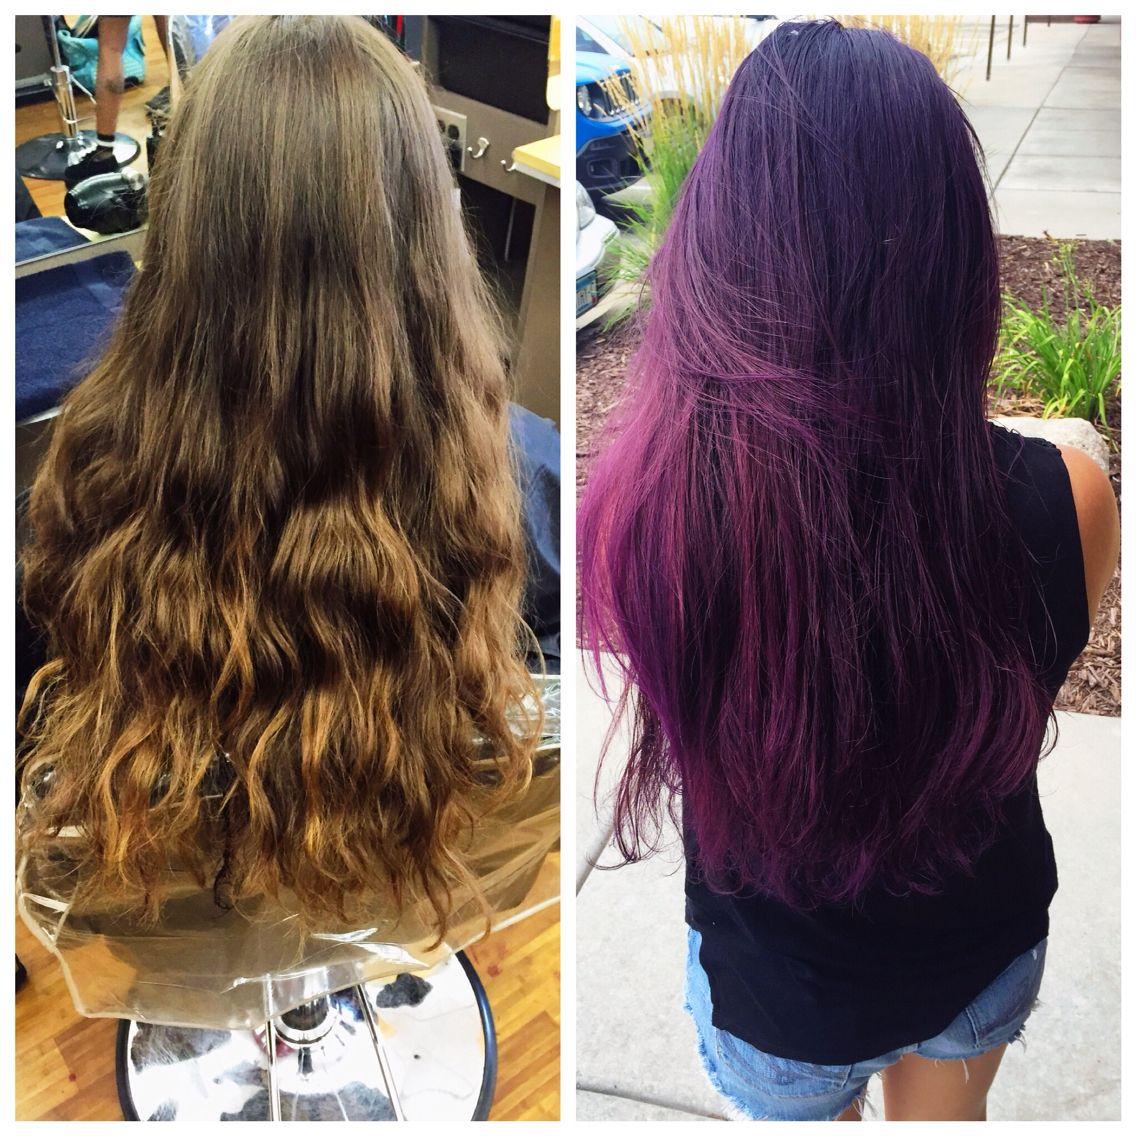 Gorgeous purple hair!!